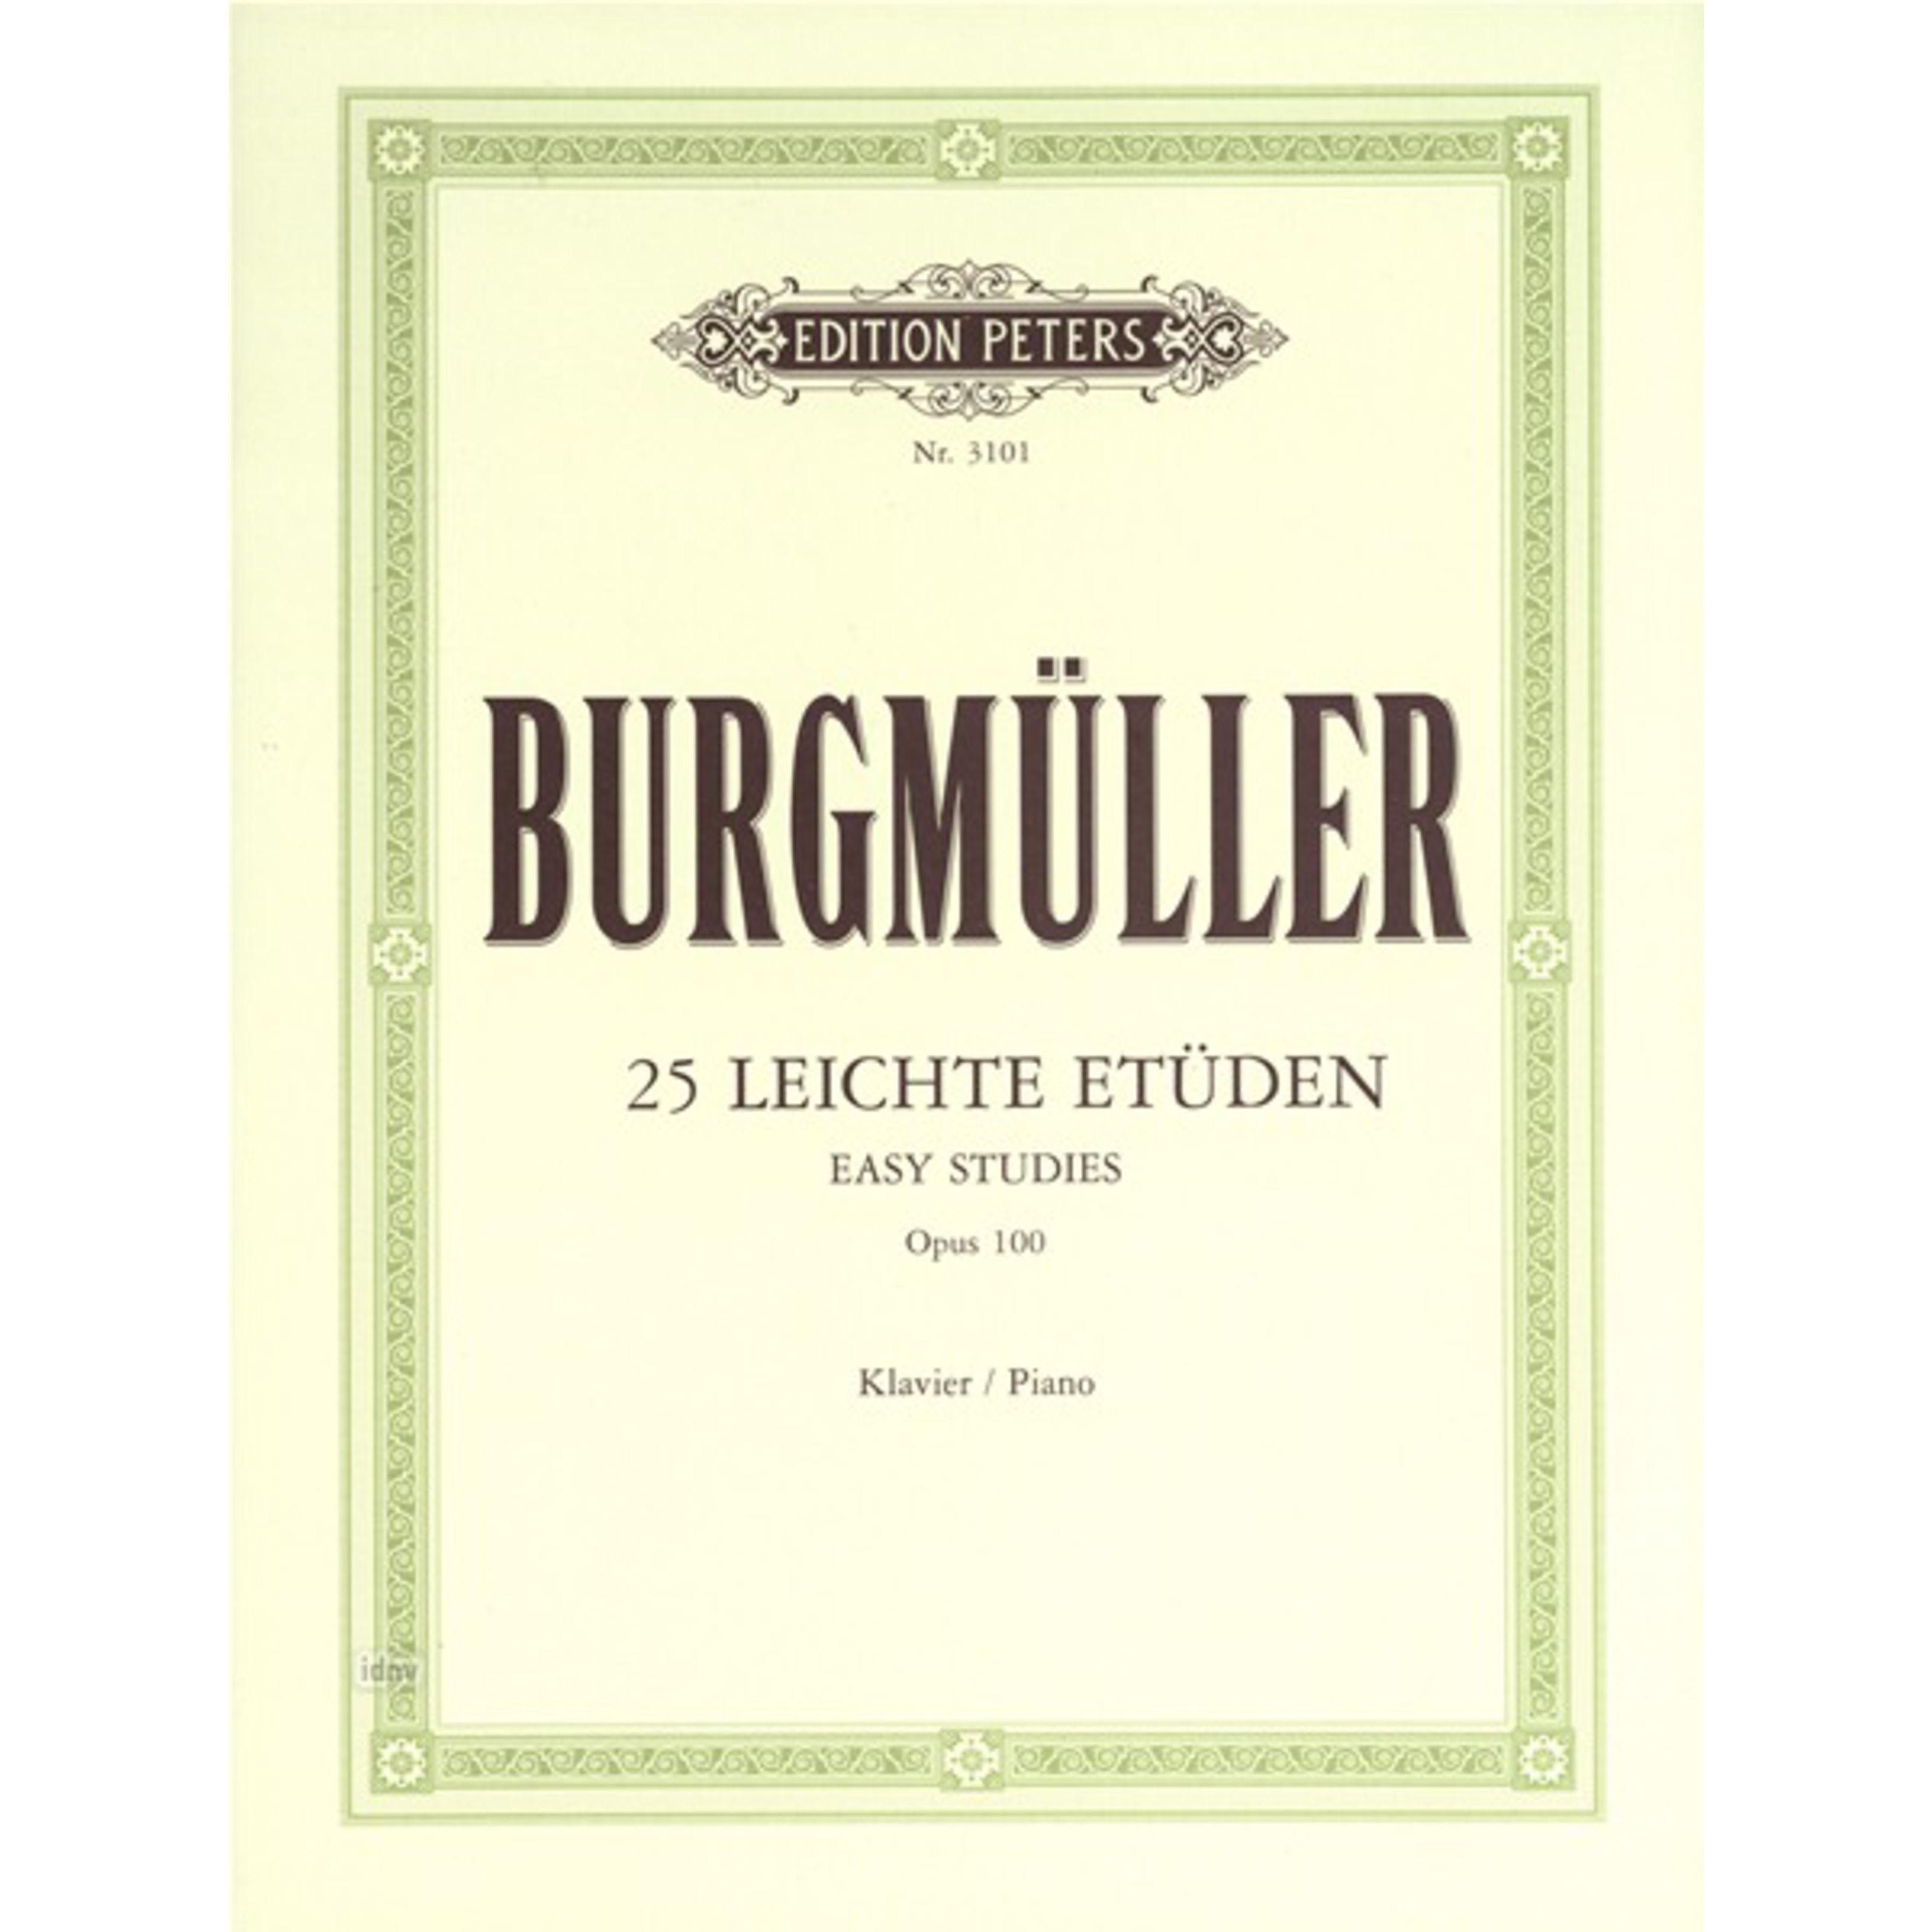 Edition Peters - Burgmüller: Etüden, op. 100 Klavier EP 3101